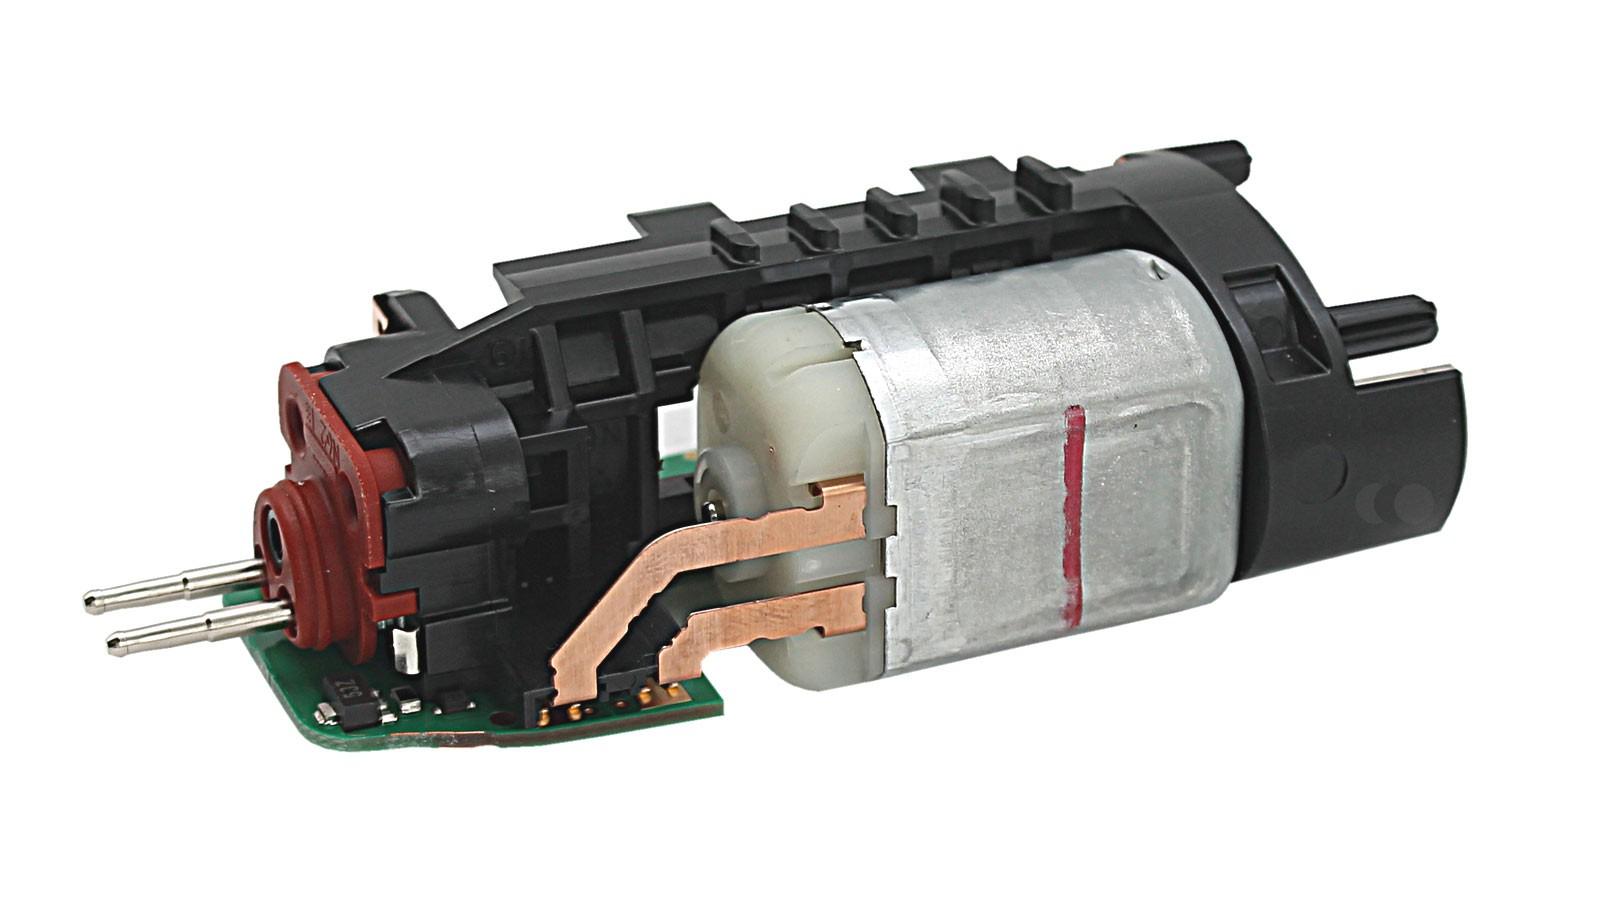 12V Ladegerät Netzteil für Braun Silk-Epil 7 Xpressive 7951 7961